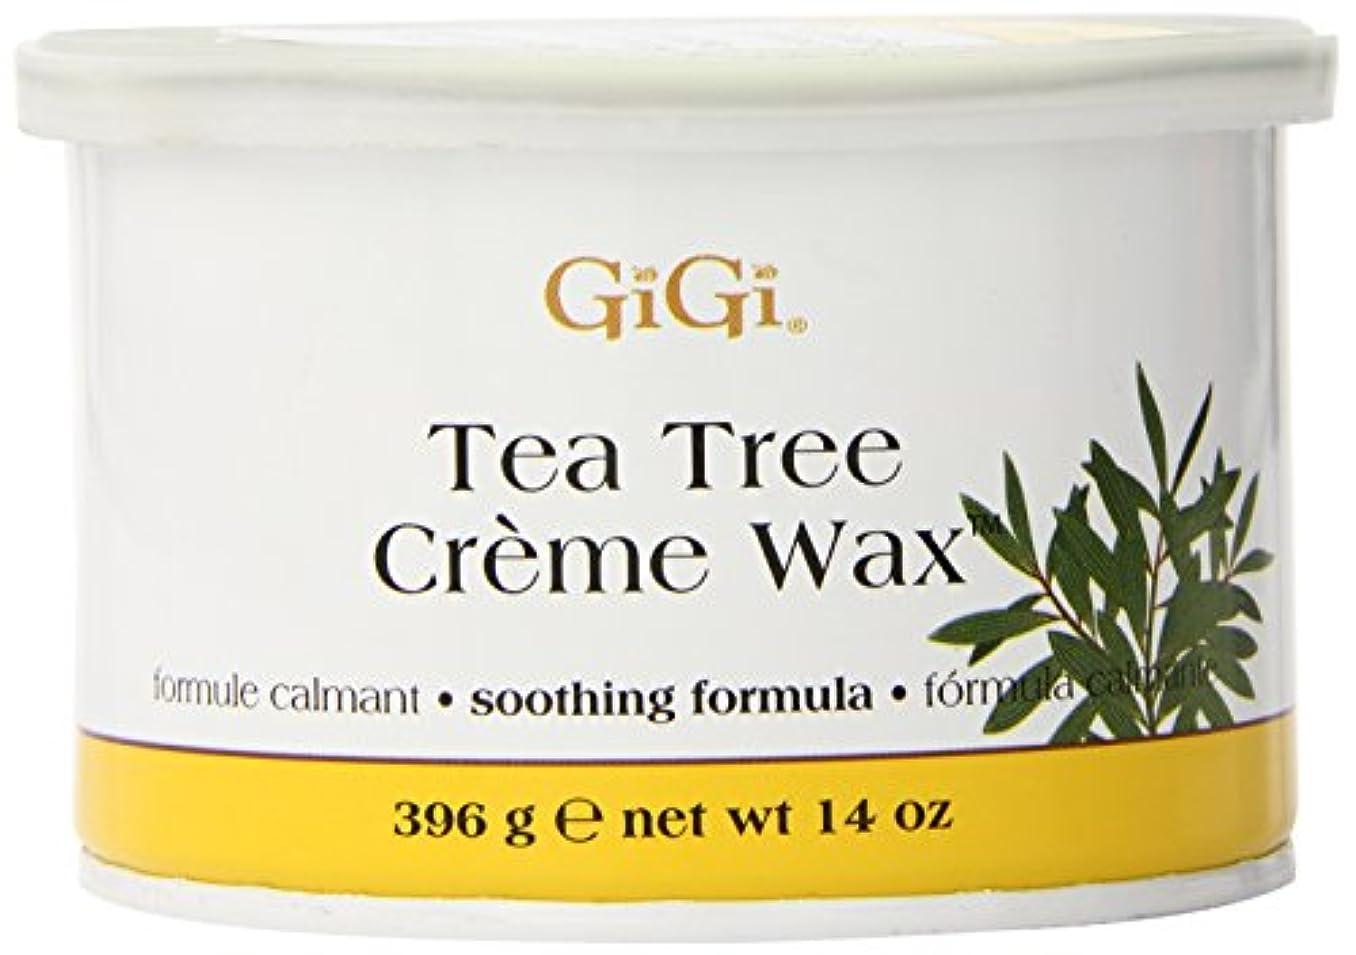 血色の良い紛争生き物GiGi Tea Tree Cream Wax A Soothing Hair Removal Formula 396g